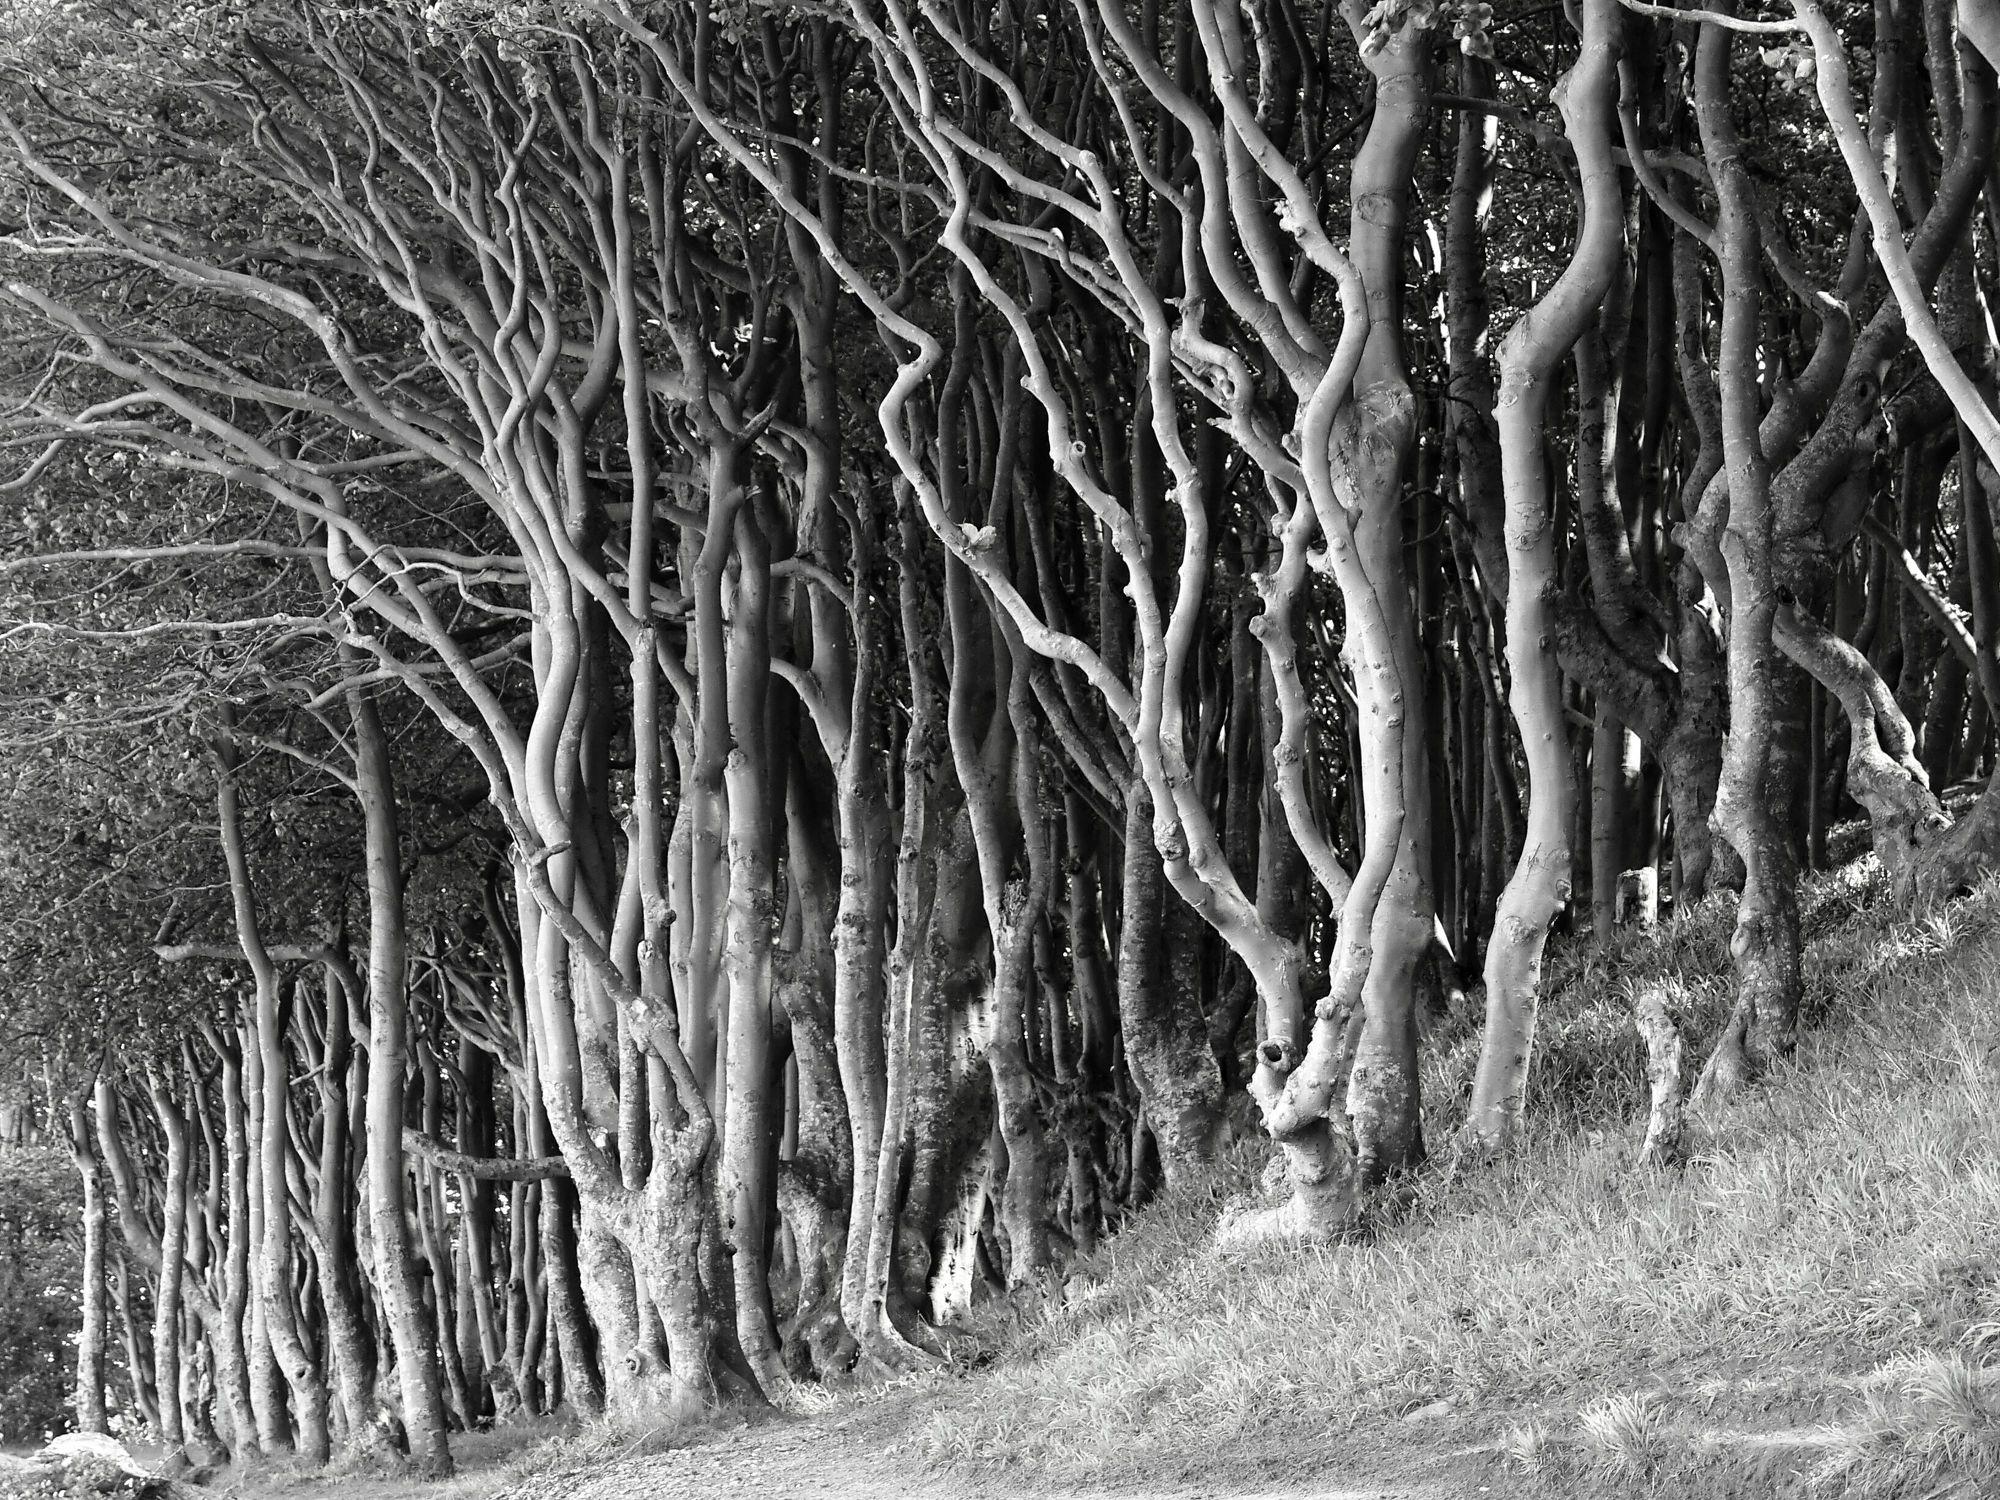 Bild mit Natur, Bäume, Wälder, Wald, Baum, Flora, schwarz weiß, mystisch, SW, Halloween, Grusel